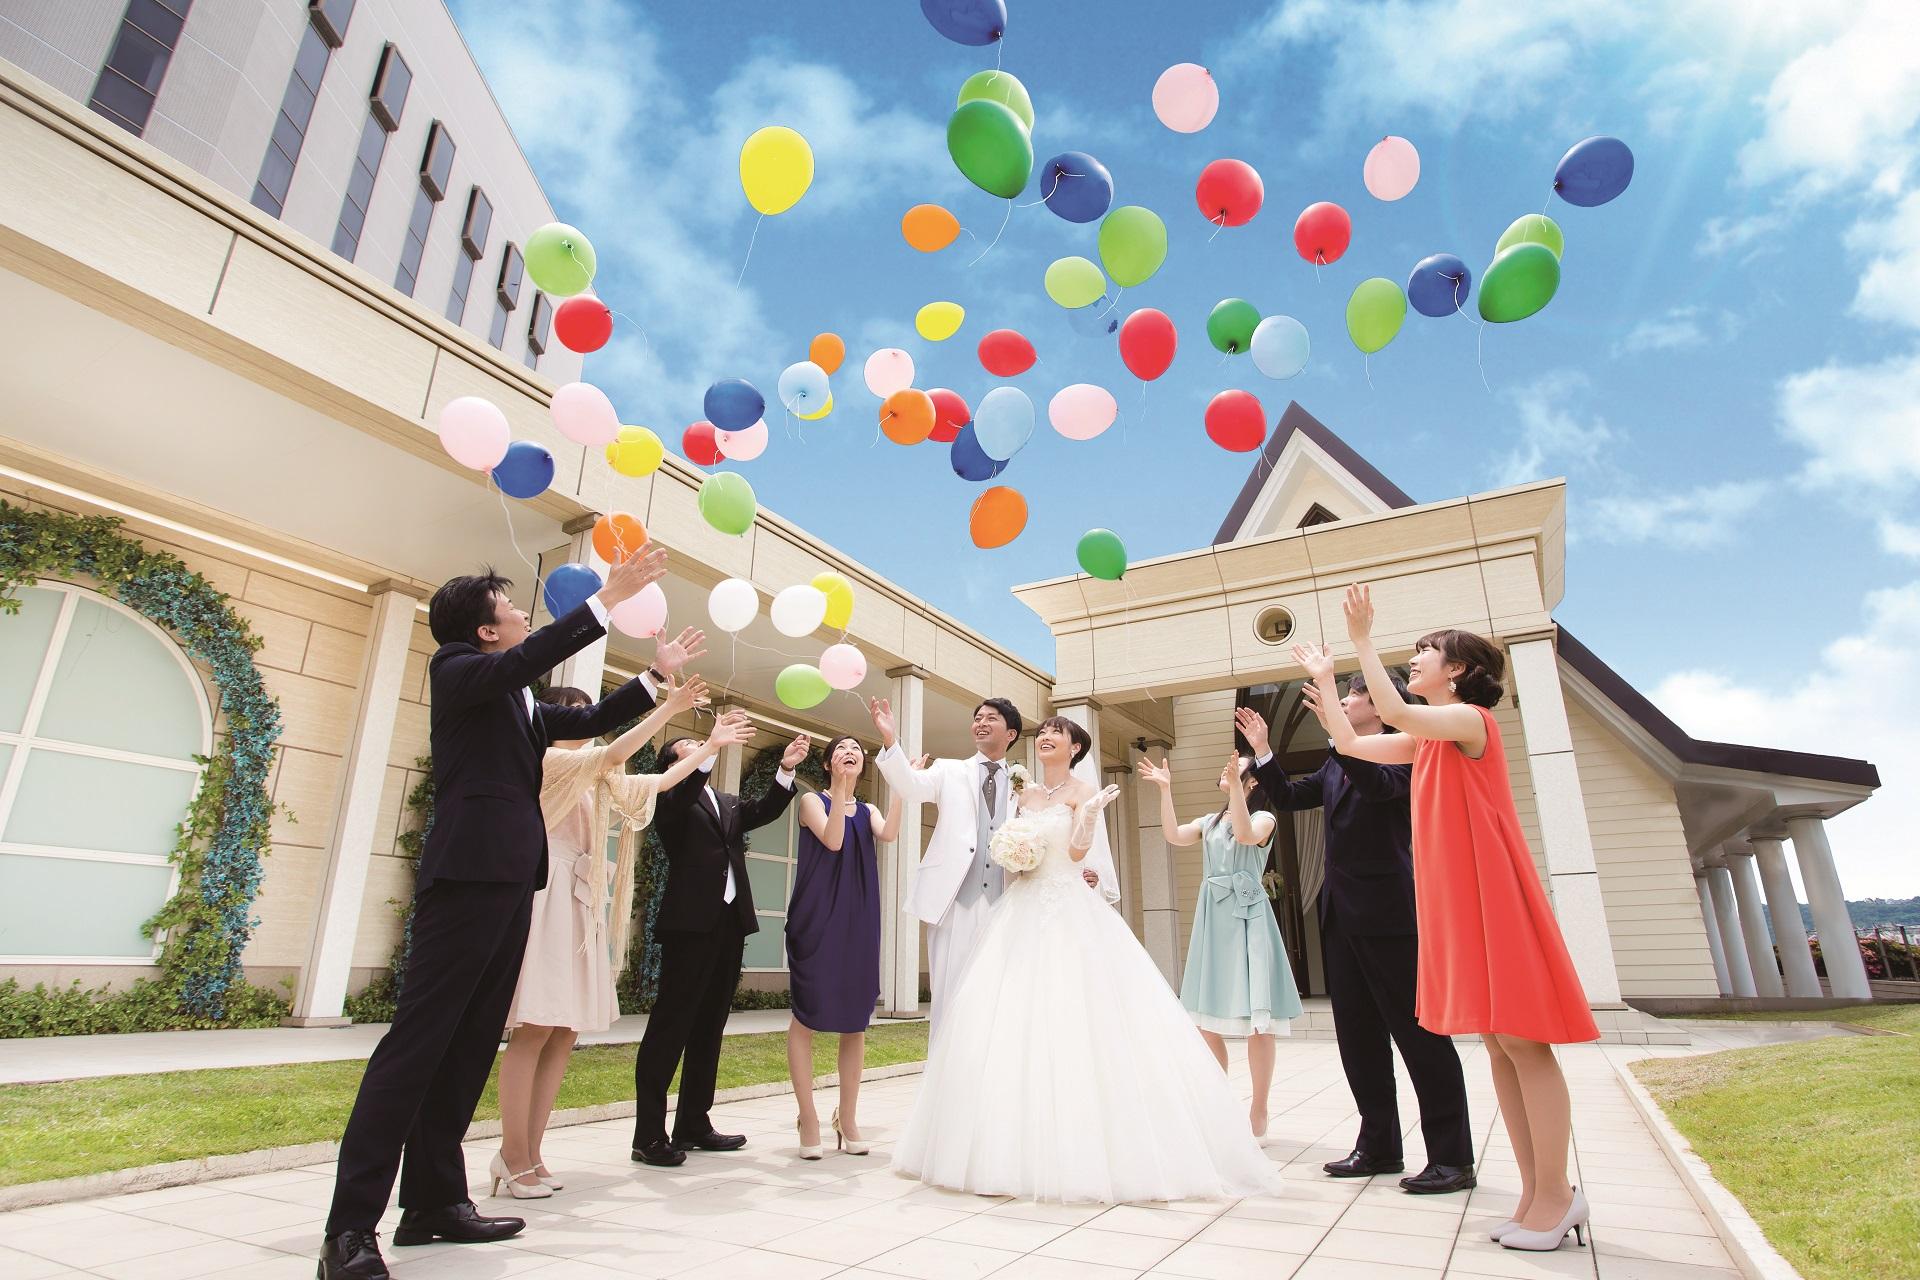 【3月までの結婚式限定】スペシャルウエディングプラン~ Premium Plan【C】~|レンブラントホテル大分【公式】婚礼サイト